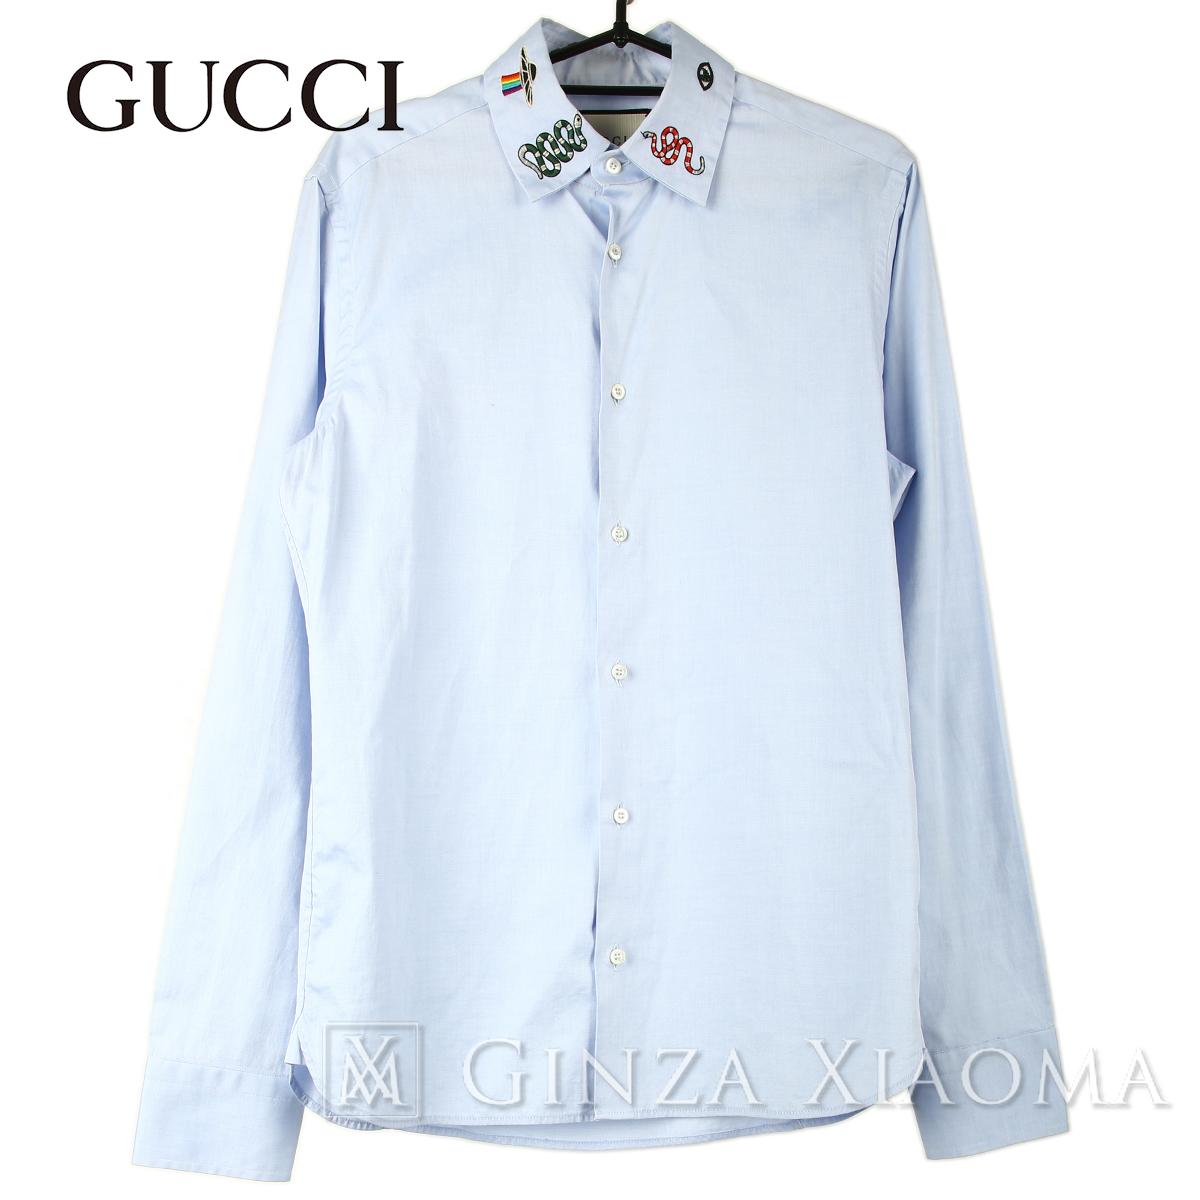 【美品】GUCCI グッチ トップス 刺繍入り 長袖 ダンガリーシャツ ブルー コットン メンズ 春夏 中古 イタリア製